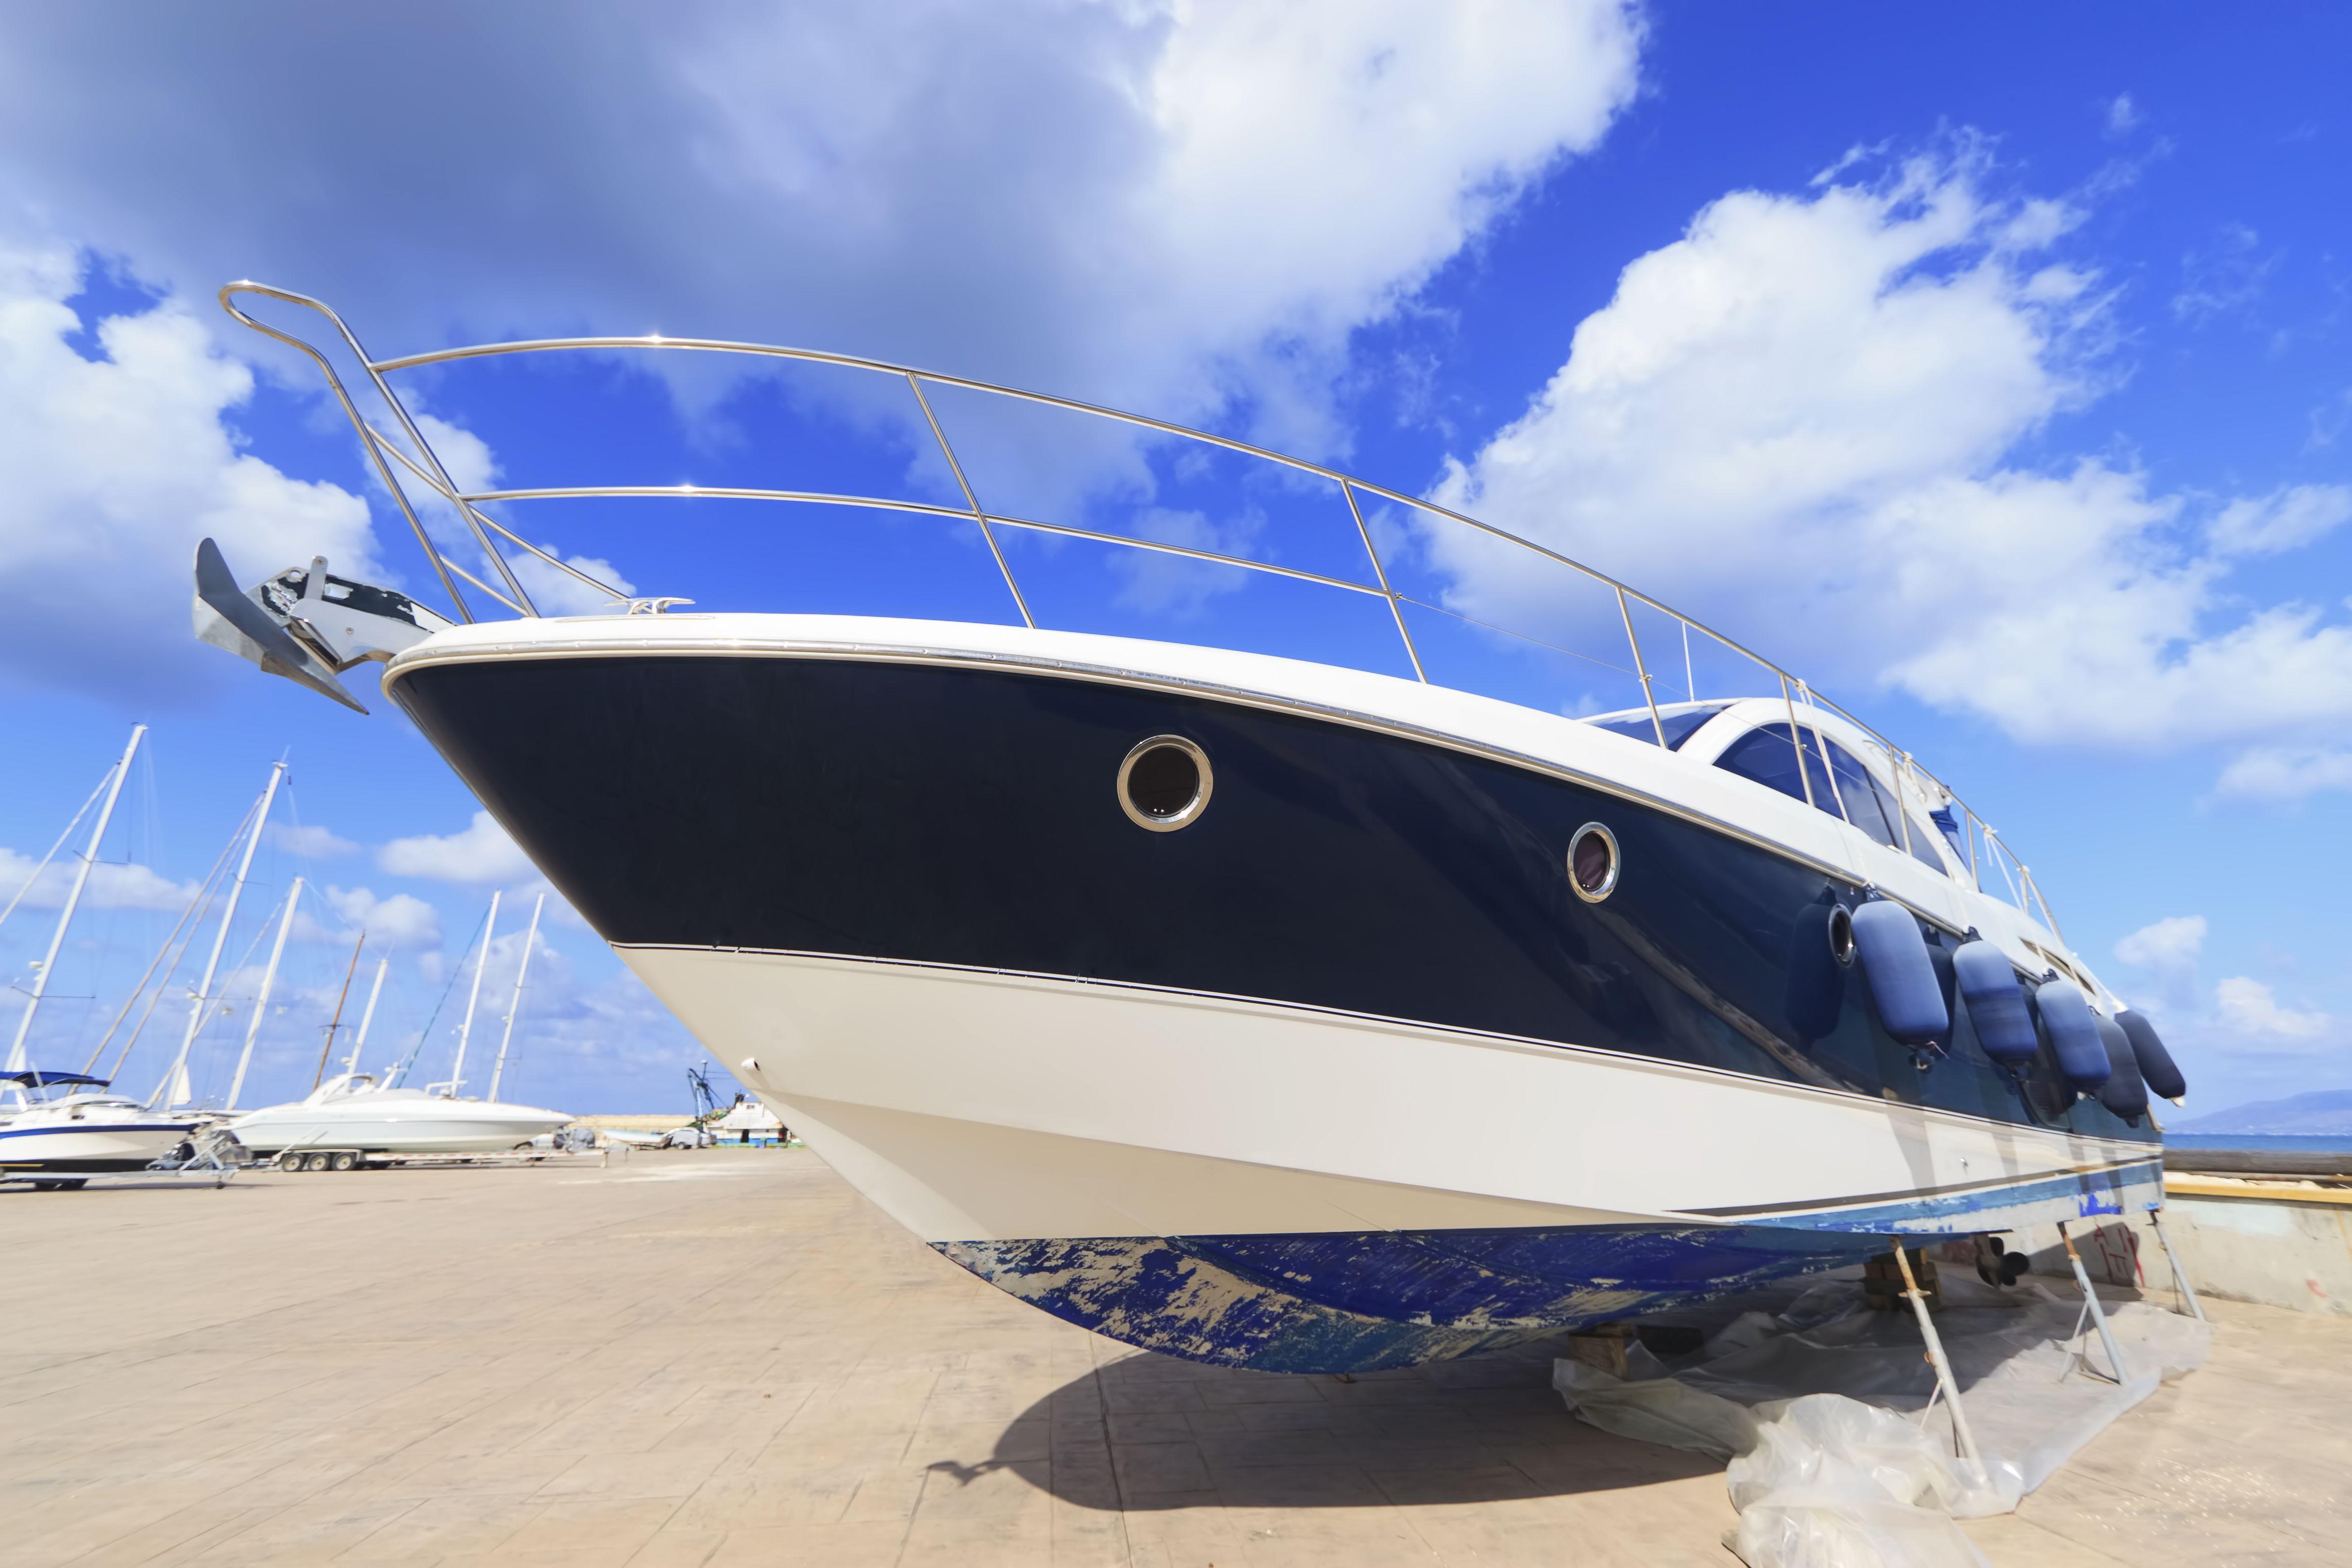 Embarcaciones a motor, a vela y neumáticas